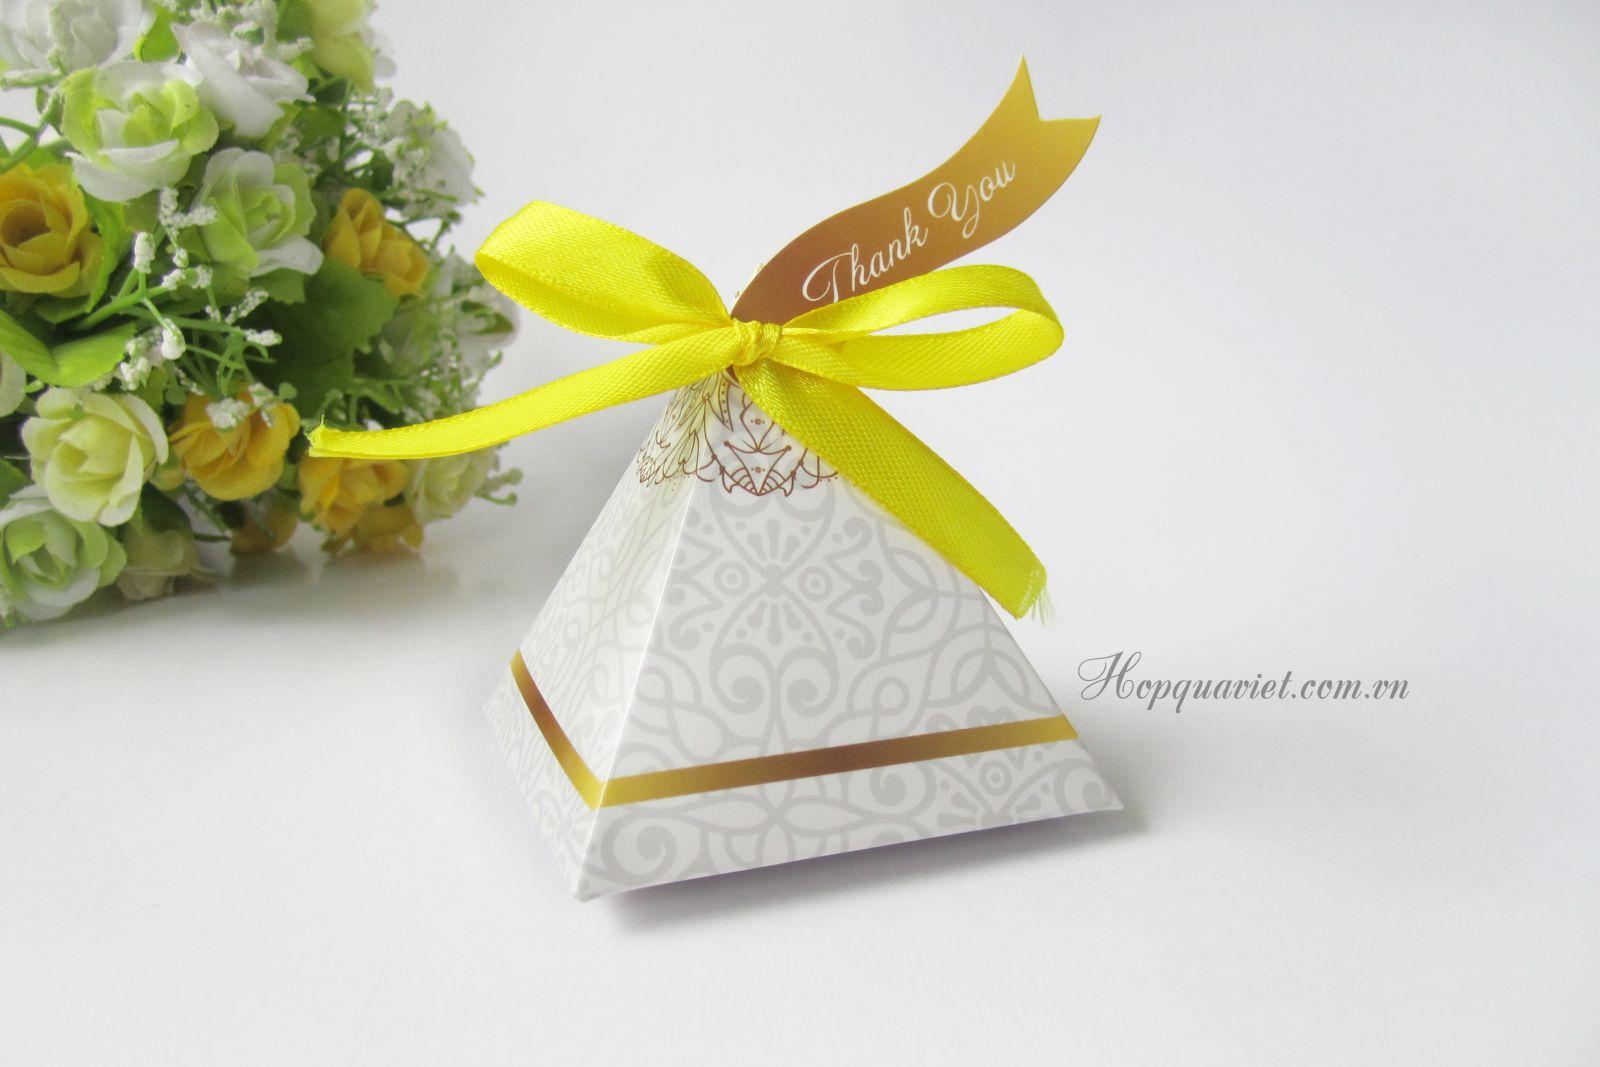 Hộp quà cưới tam giác hoa 18V (kèm tag thank you)